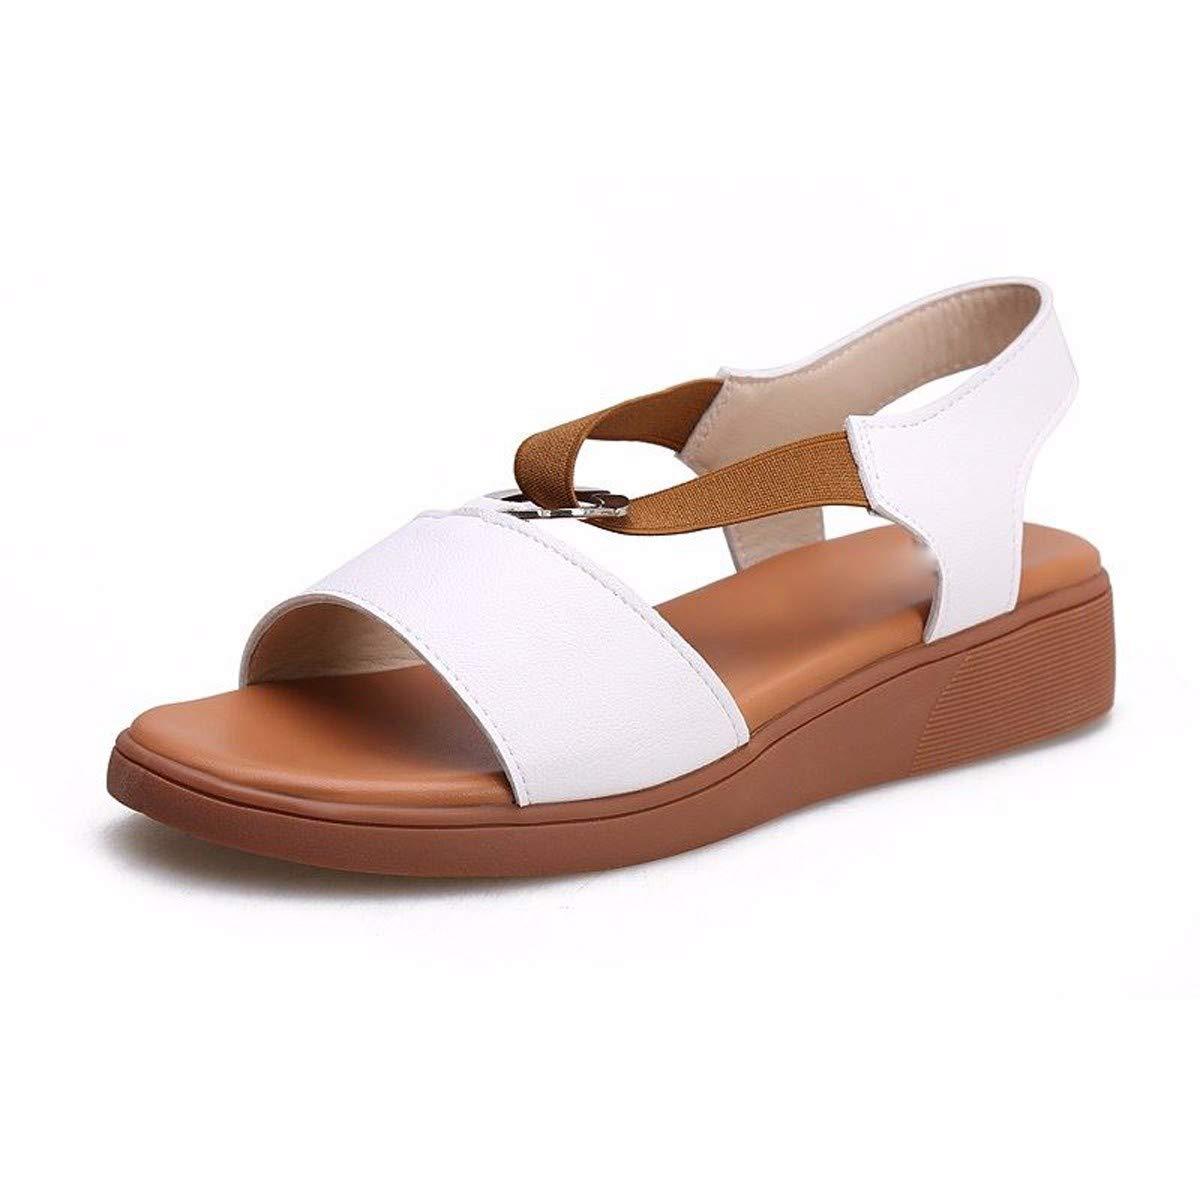 KPHY-Sommer Damenschuhe Weichen Boden Flachen Boden Wild Studenten Damen - Sandaleen 38 Weiße